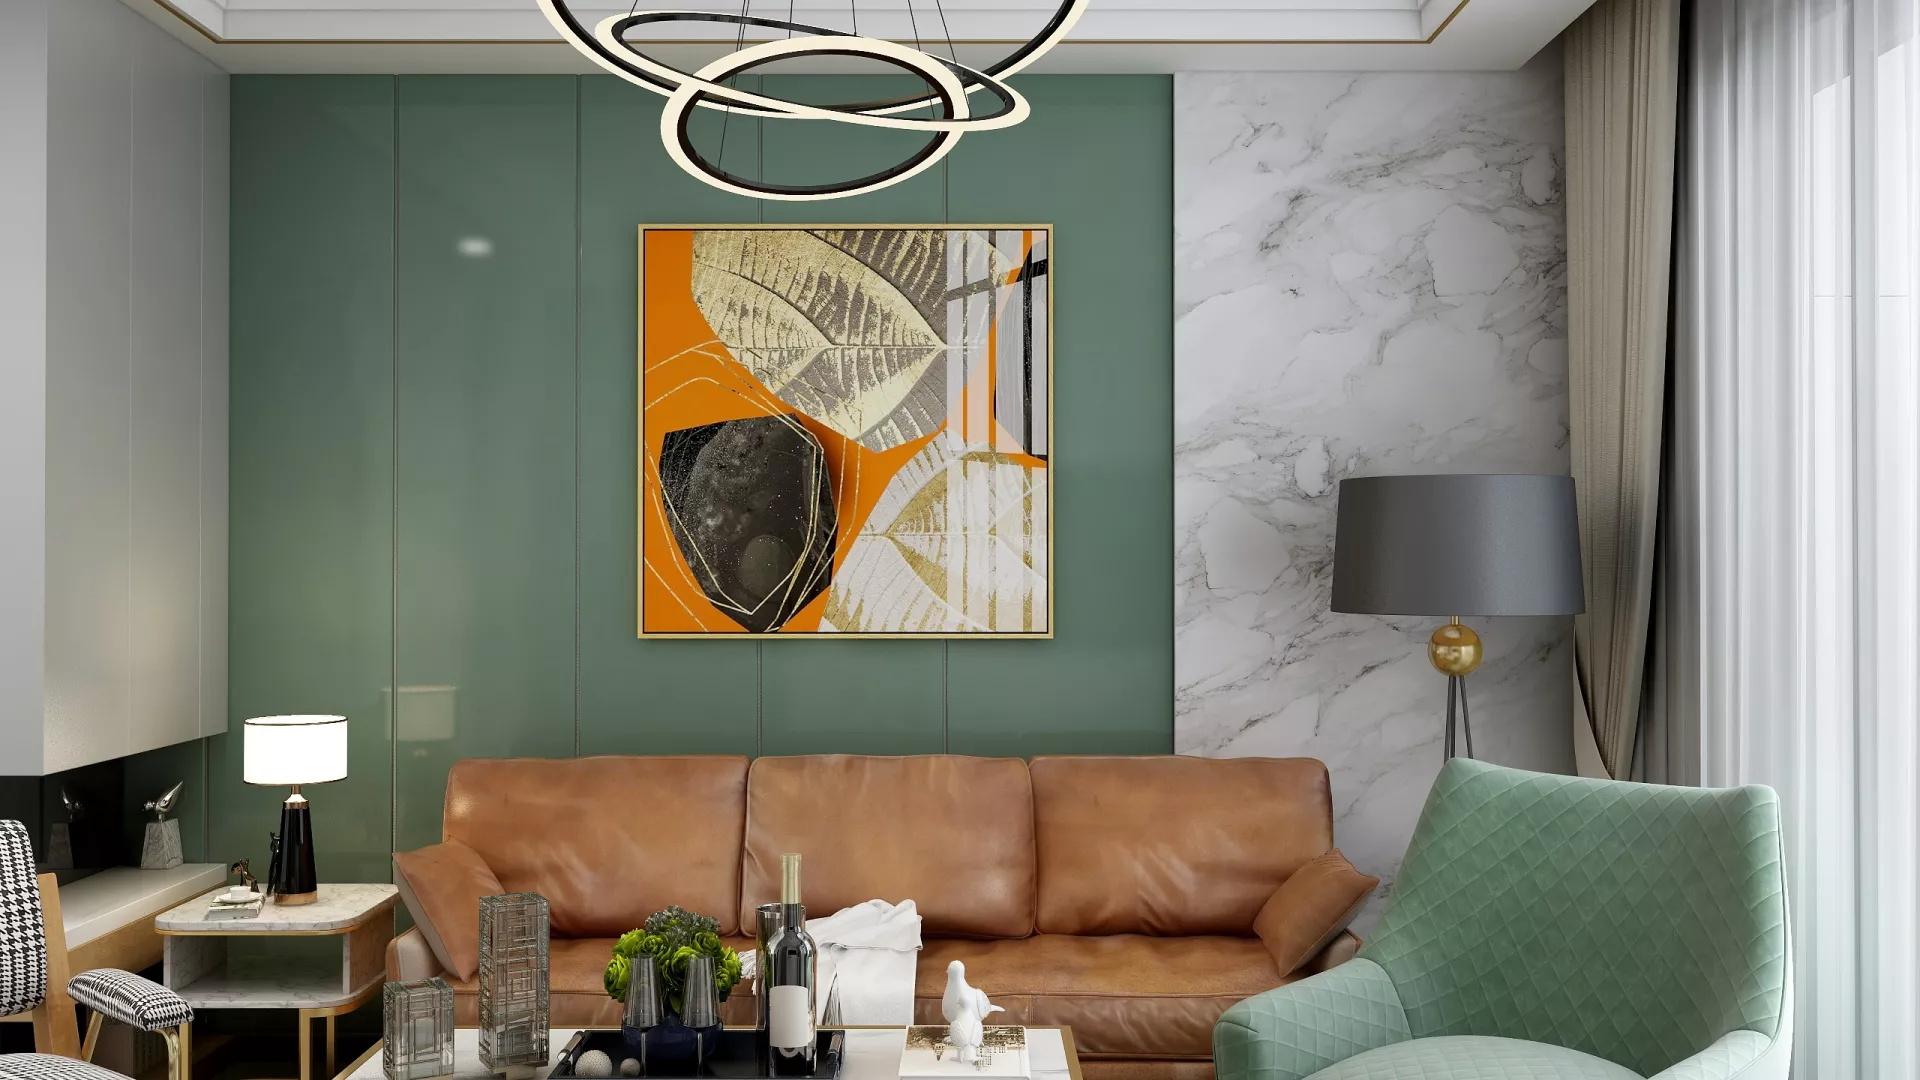 美式乡村风格乐活型客厅装修效果图